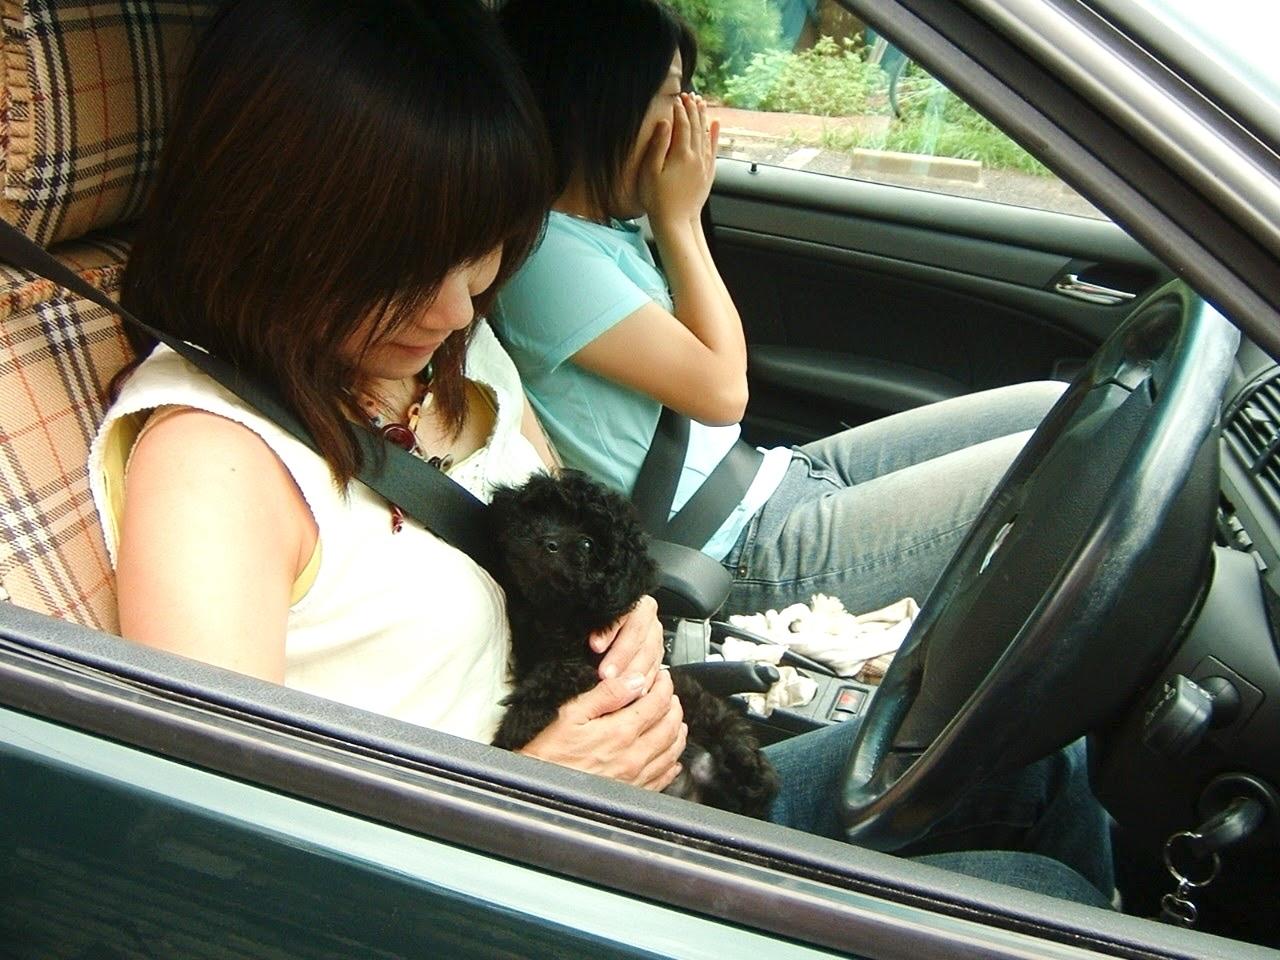 愛犬くりちゃんの17歳の誕生日に感謝を込めて。_a0213806_16525923.jpeg